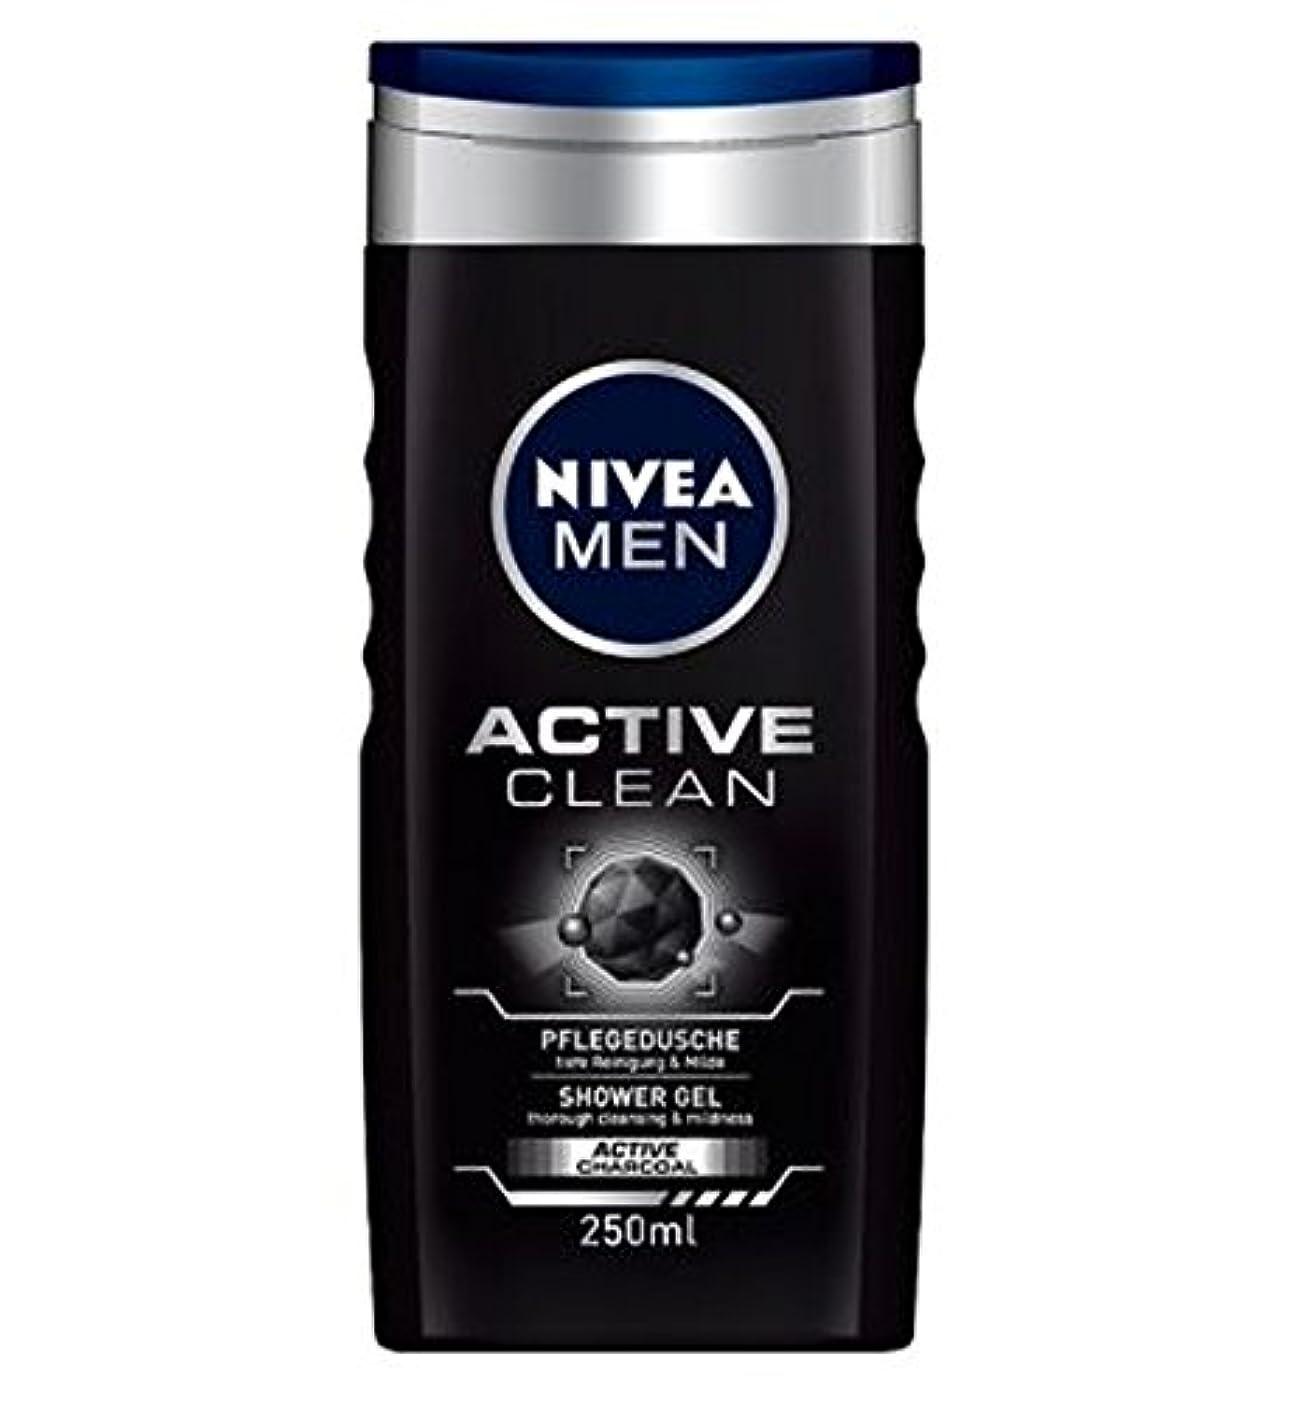 水差しどうやら寛解NIVEA MEN Active Clean Shower Gel 250ml - ニベアの男性アクティブクリーンシャワージェル250ミリリットル (Nivea) [並行輸入品]